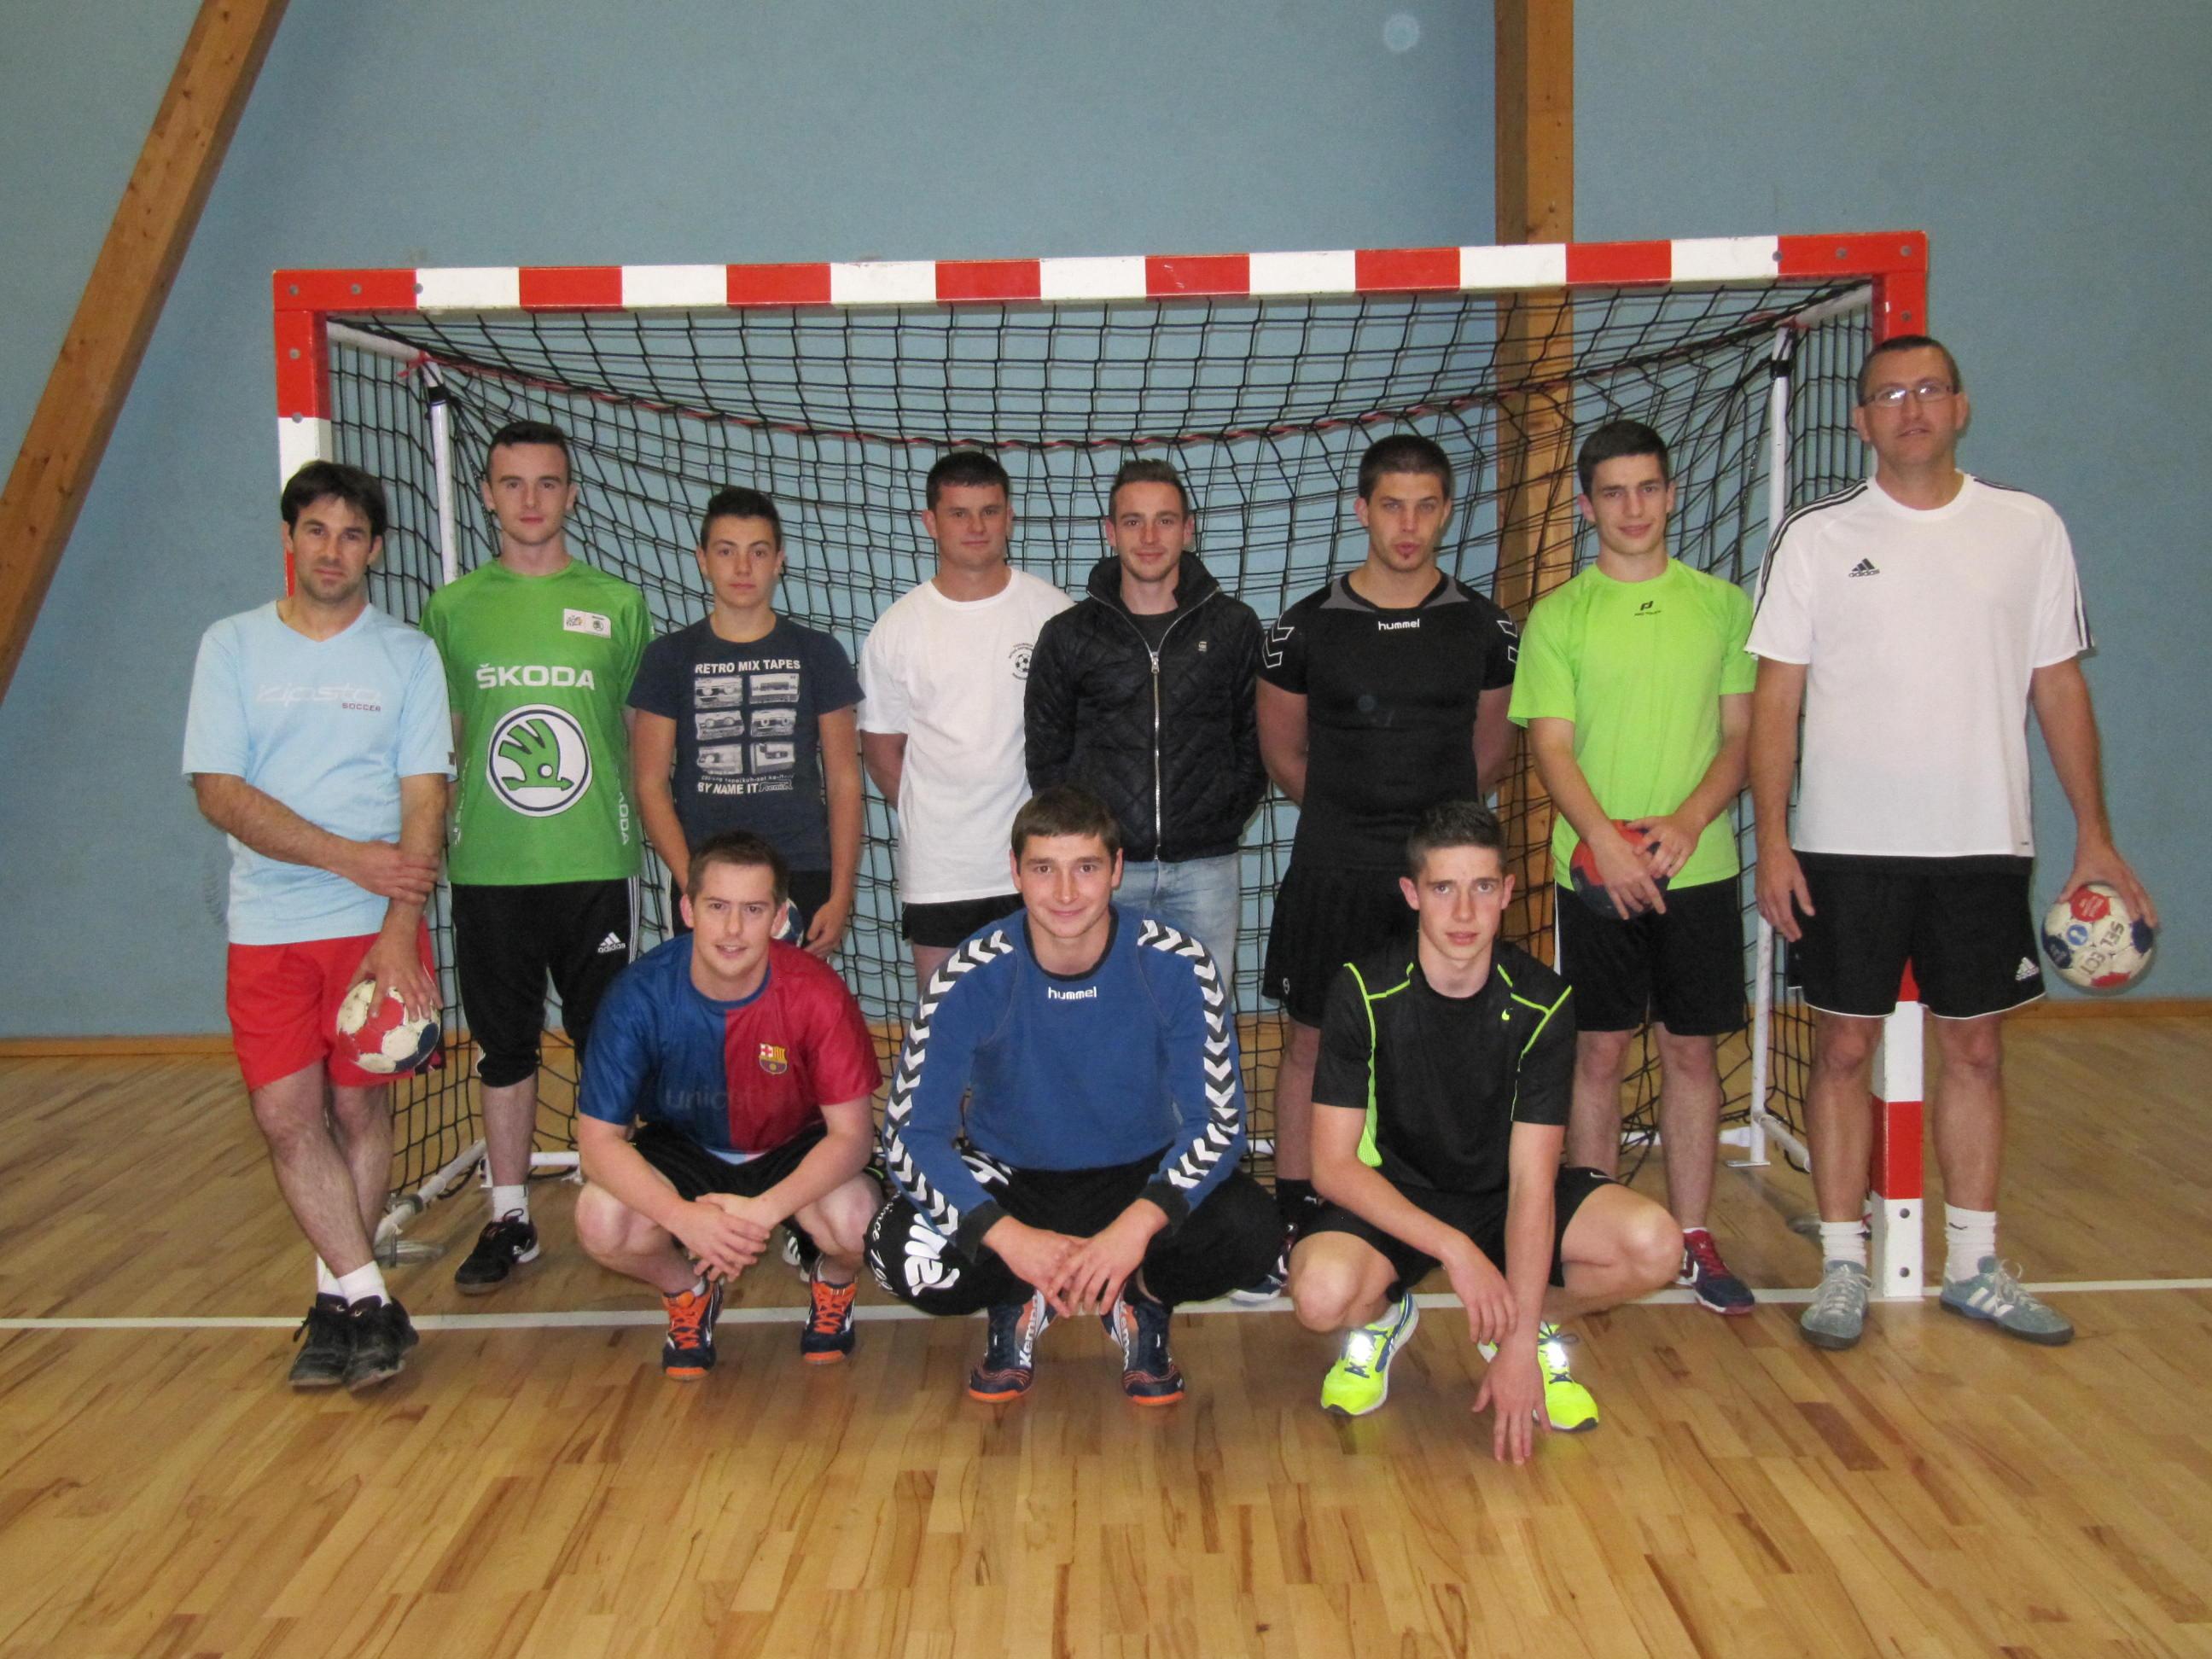 fete-dusport+ag-tennis+basket+hand+zumba+judo 021 7ae9106e3a6b